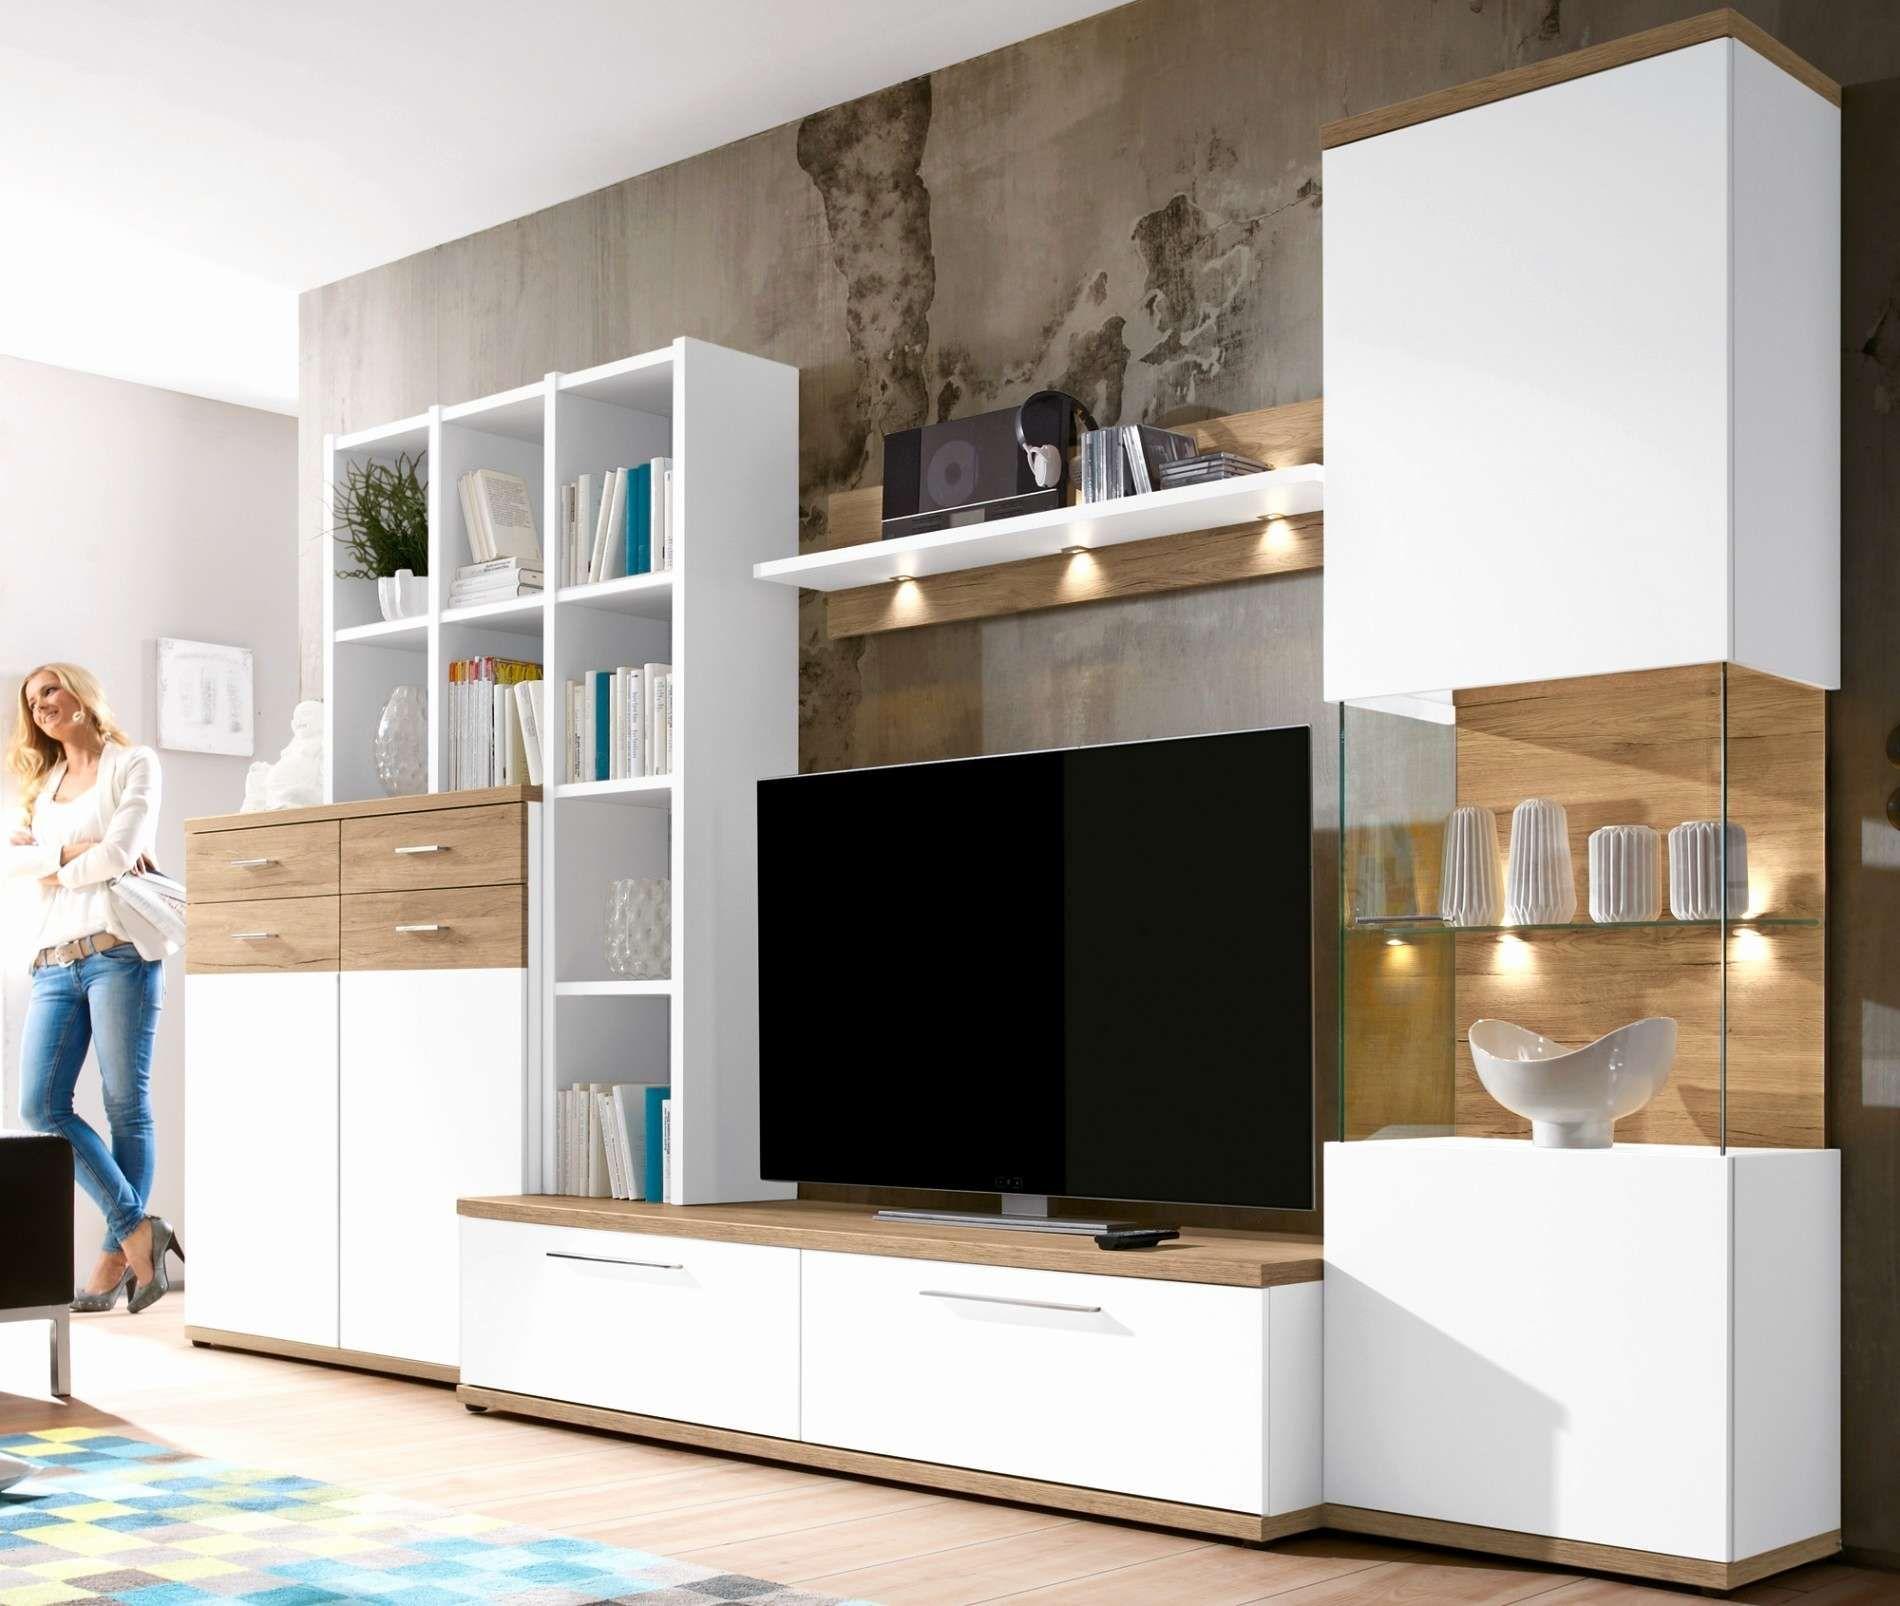 Full Size of Wohnwand Dunkles Holz Wohnzimmer Schrankwand Modern Excellent Wohnzimmer Schön Wohnzimmer Wohnzimmer Schrankwand